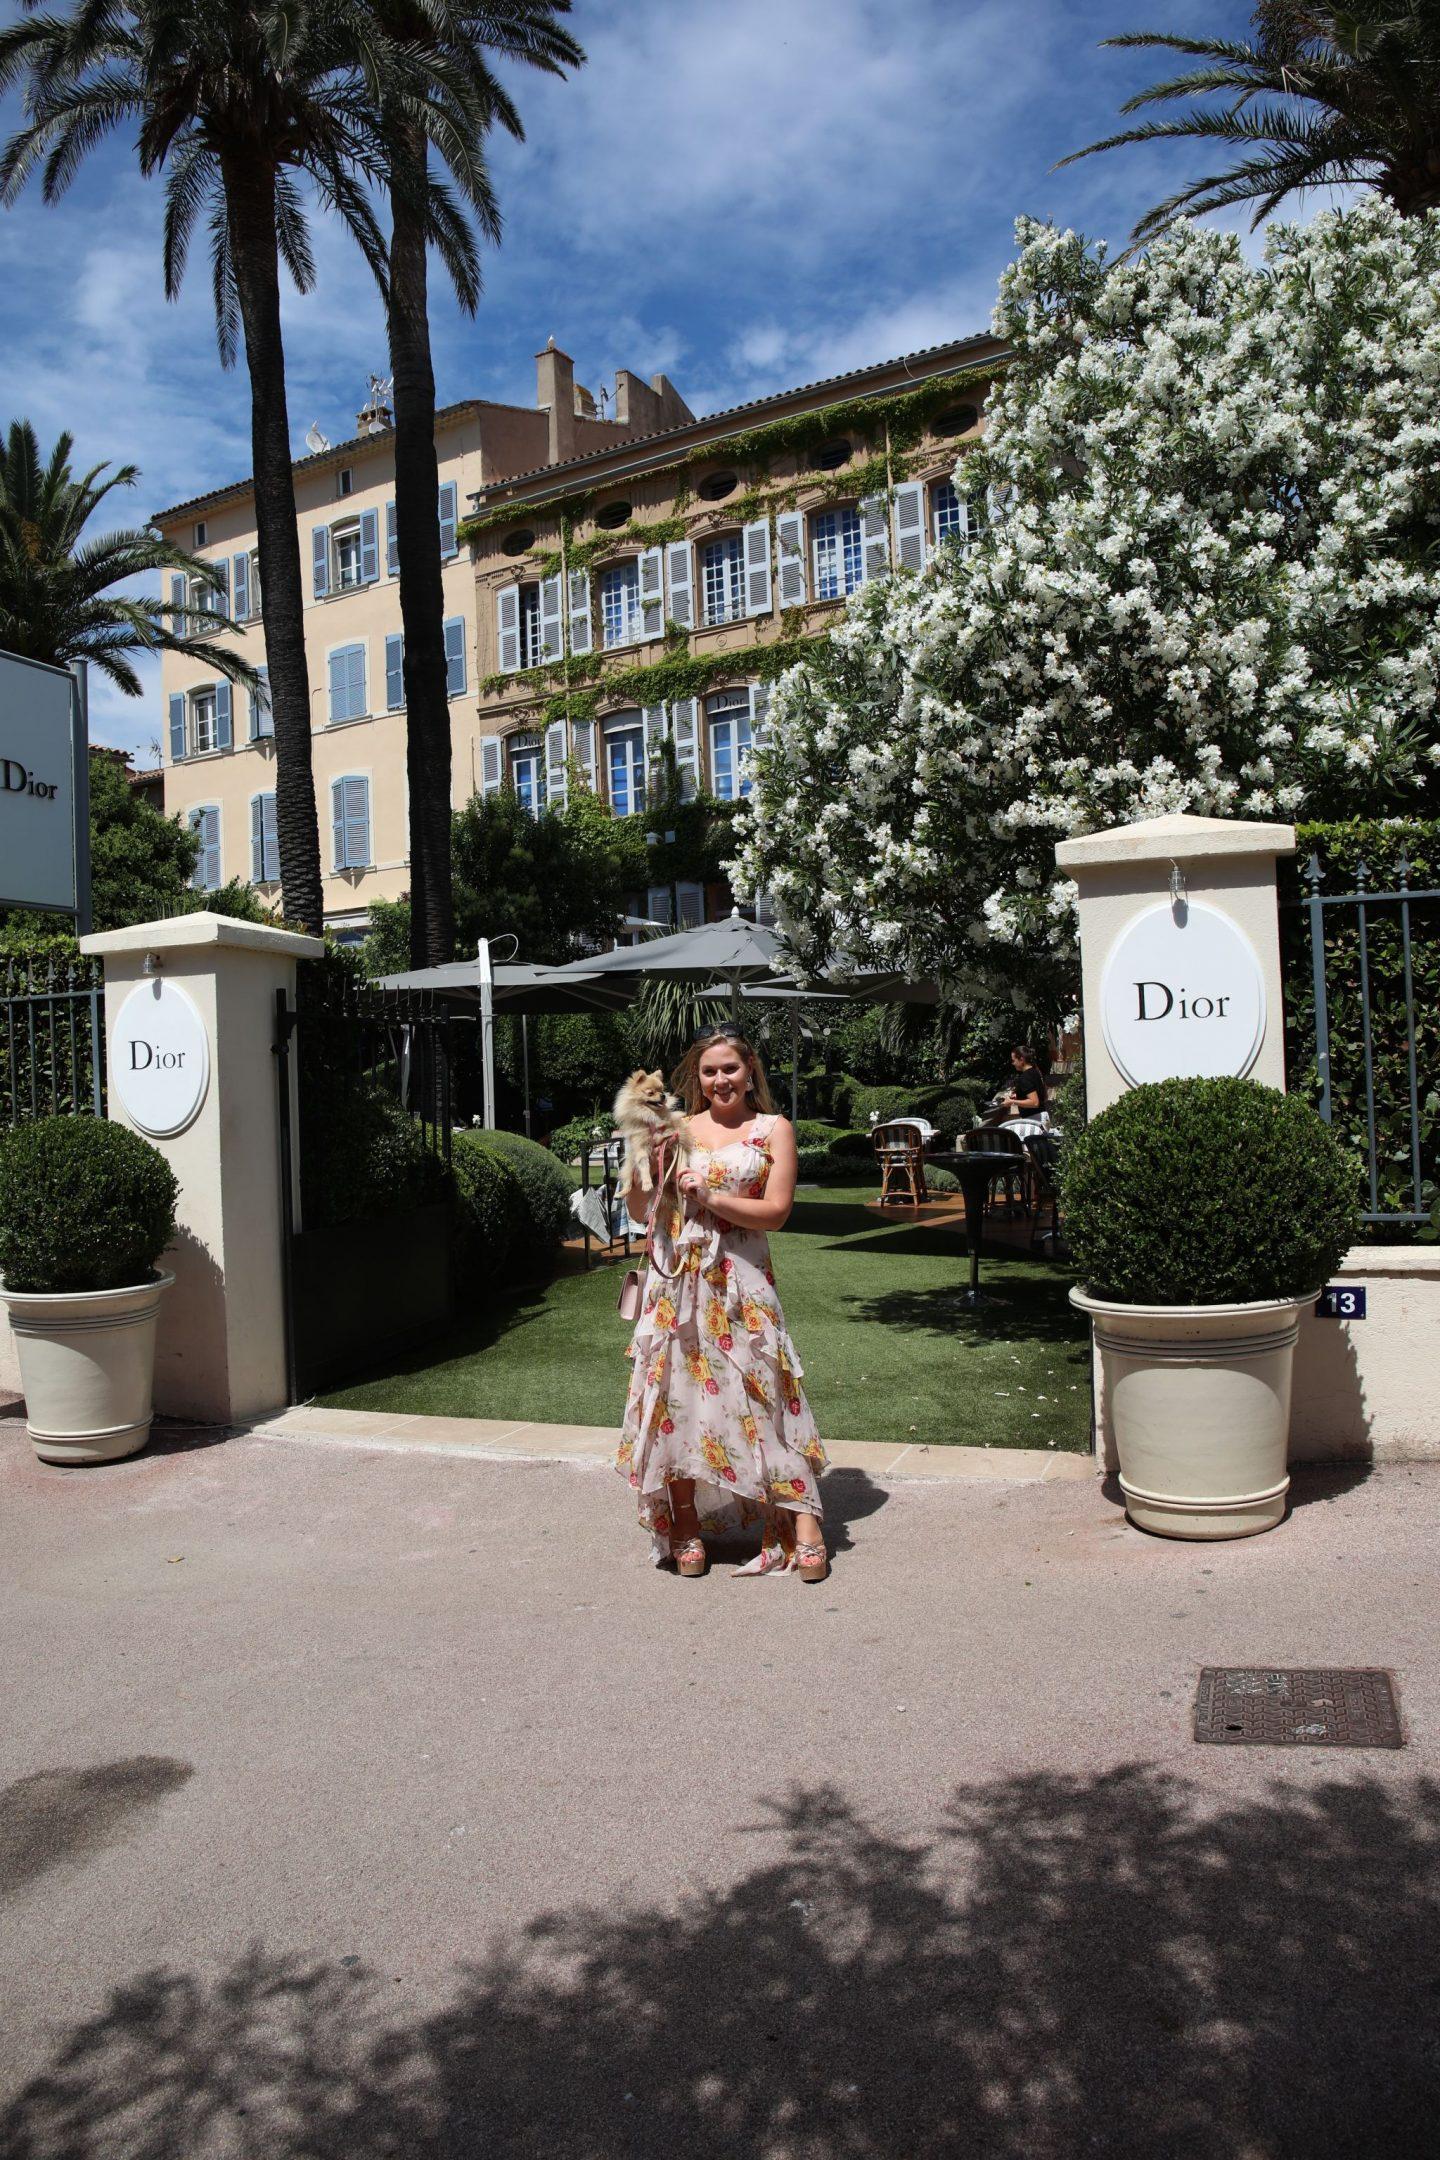 St Tropez Town, France, Katie KALANCHOEm,